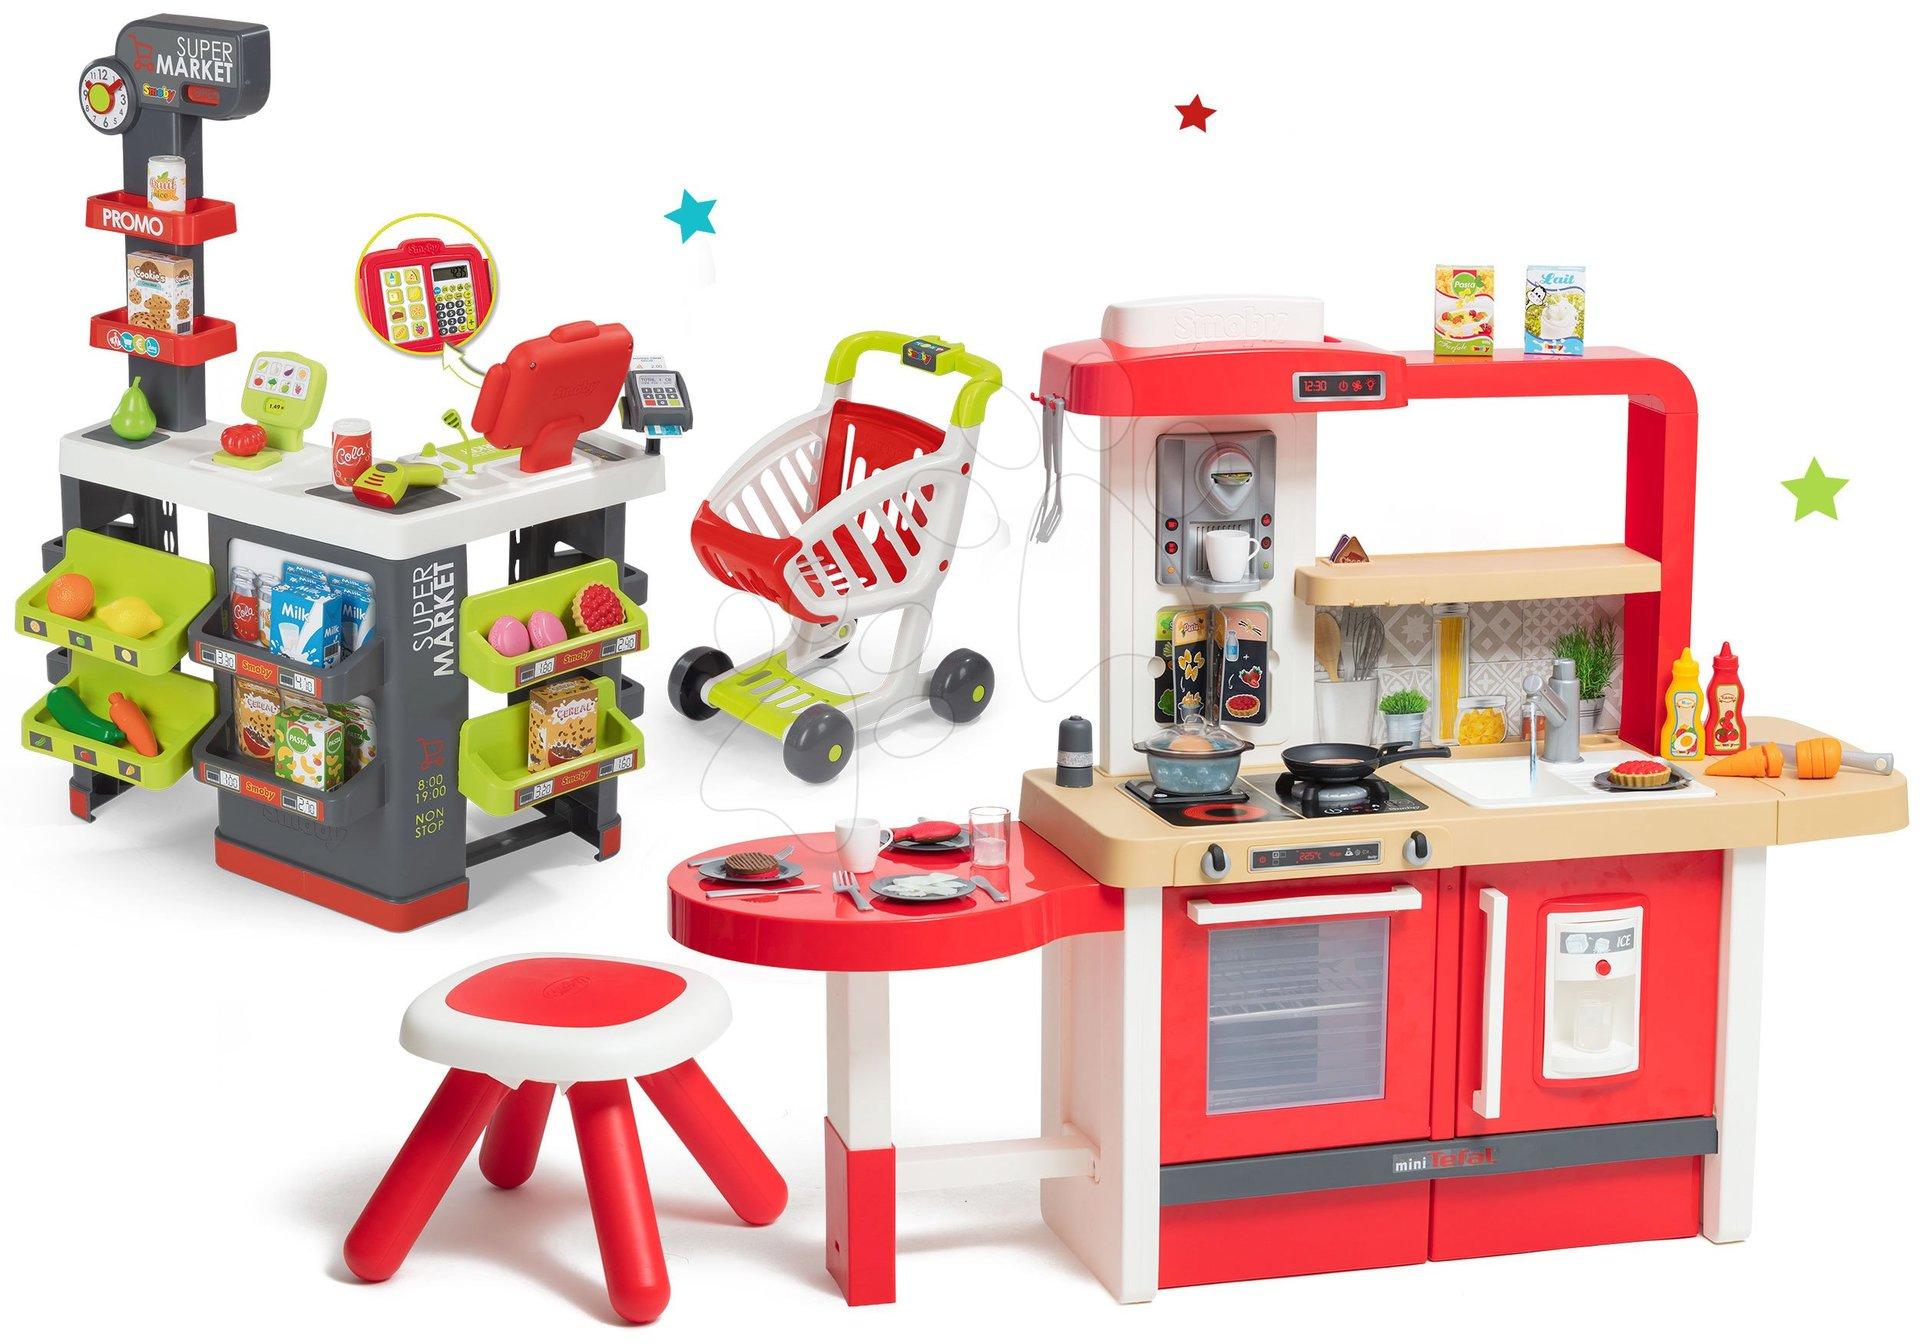 Set kuchyňka rostoucí s tekoucí vodou Tefal Evolutive Grand Chef Smoby a supermarket s elektronickou pokladnou, čtečkou a vozíkem